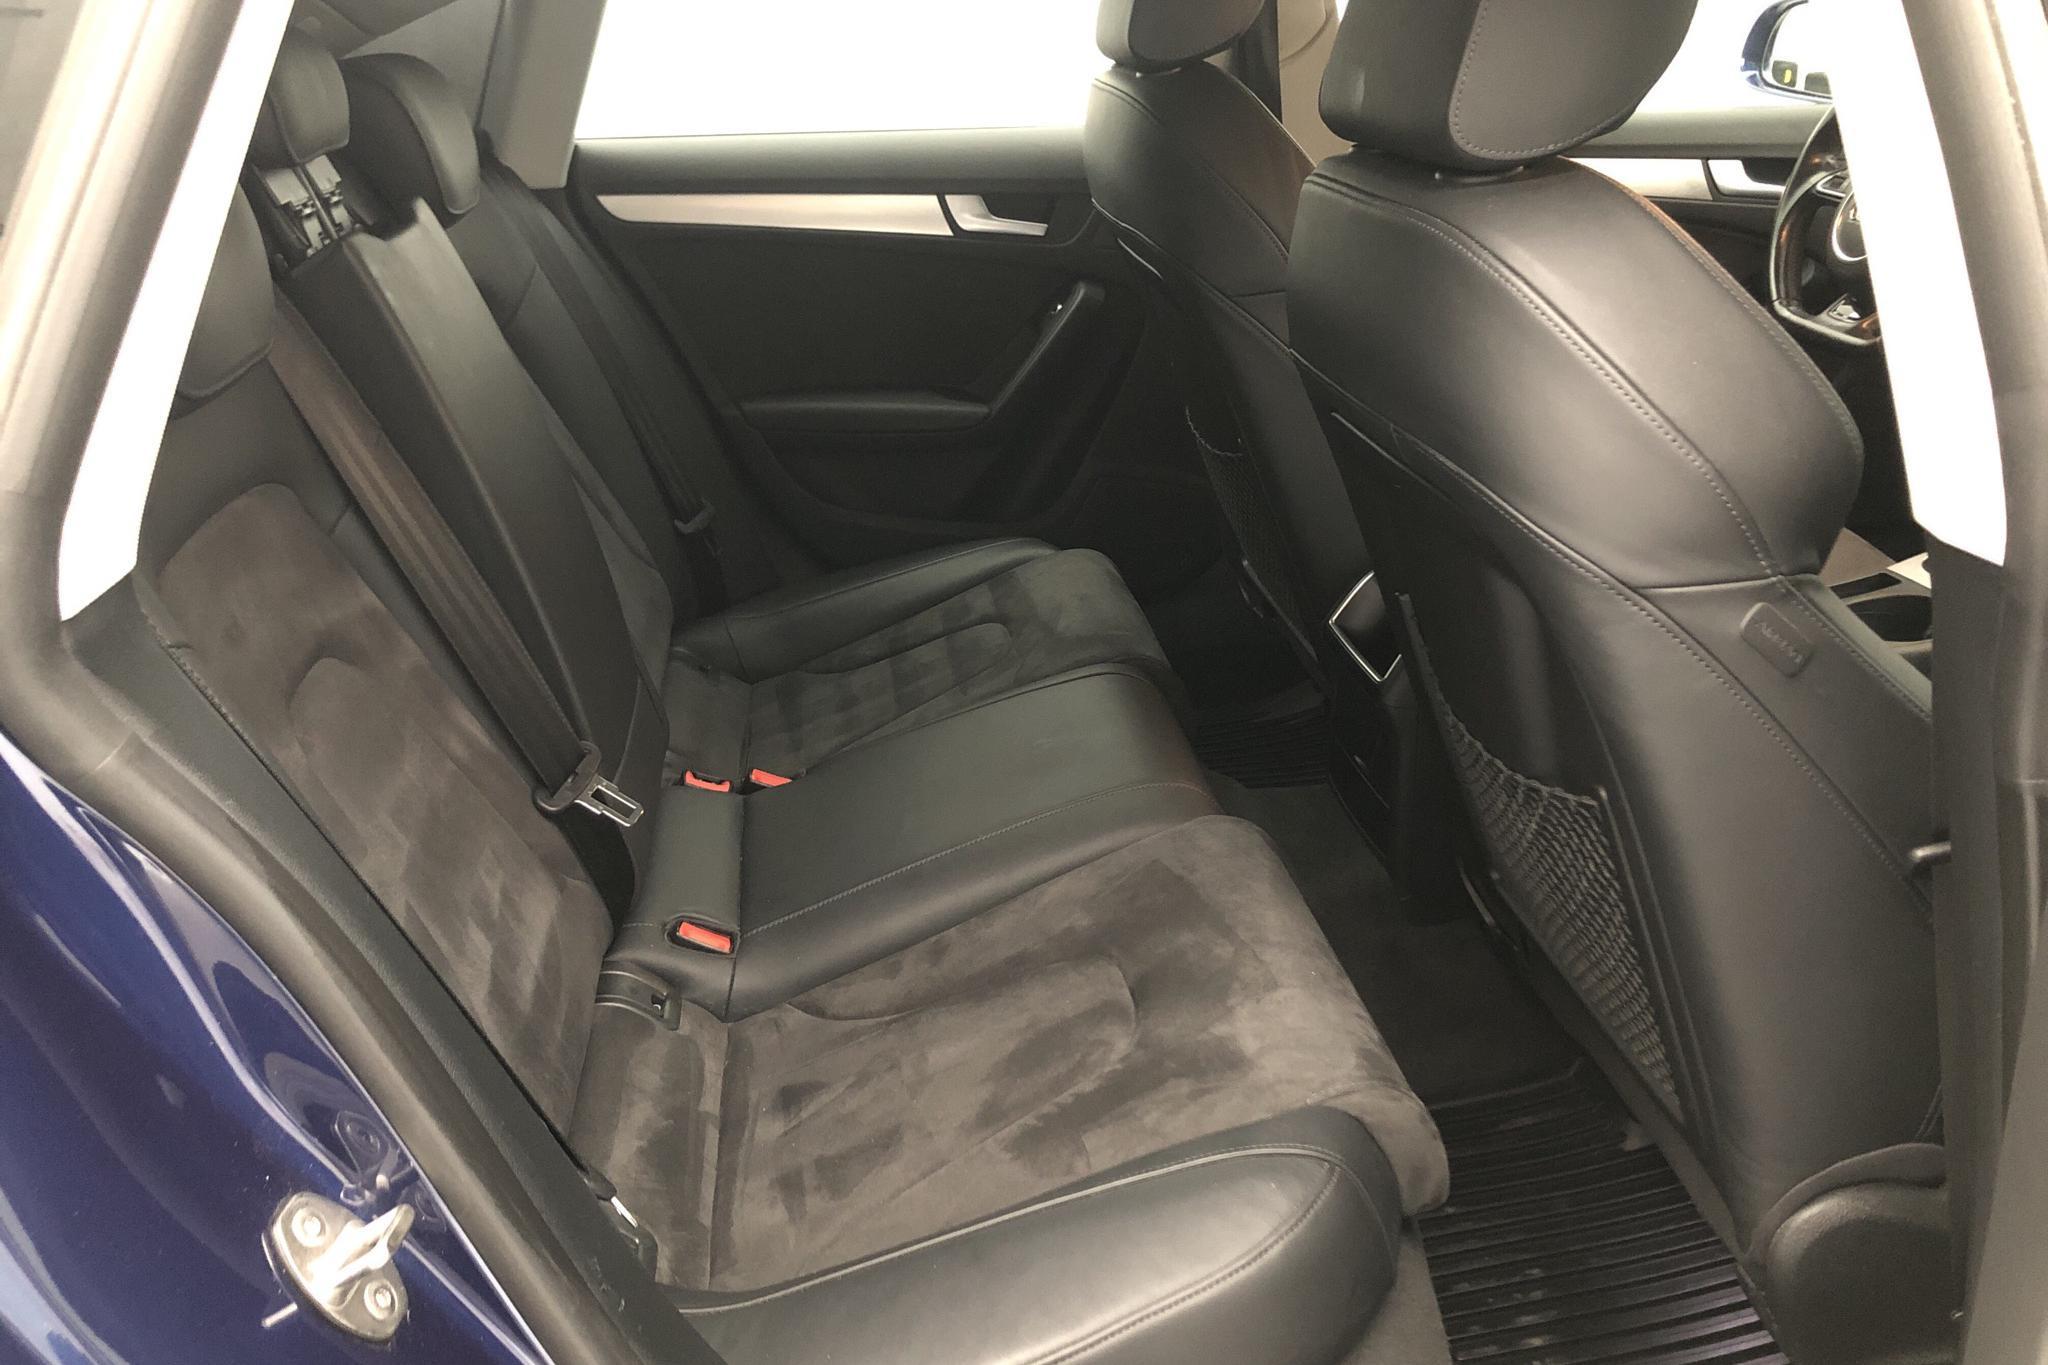 Audi A5 2.0 TDI Clean diesel Sportback quattro (190hk) - 189 610 km - Automatic - blue - 2015